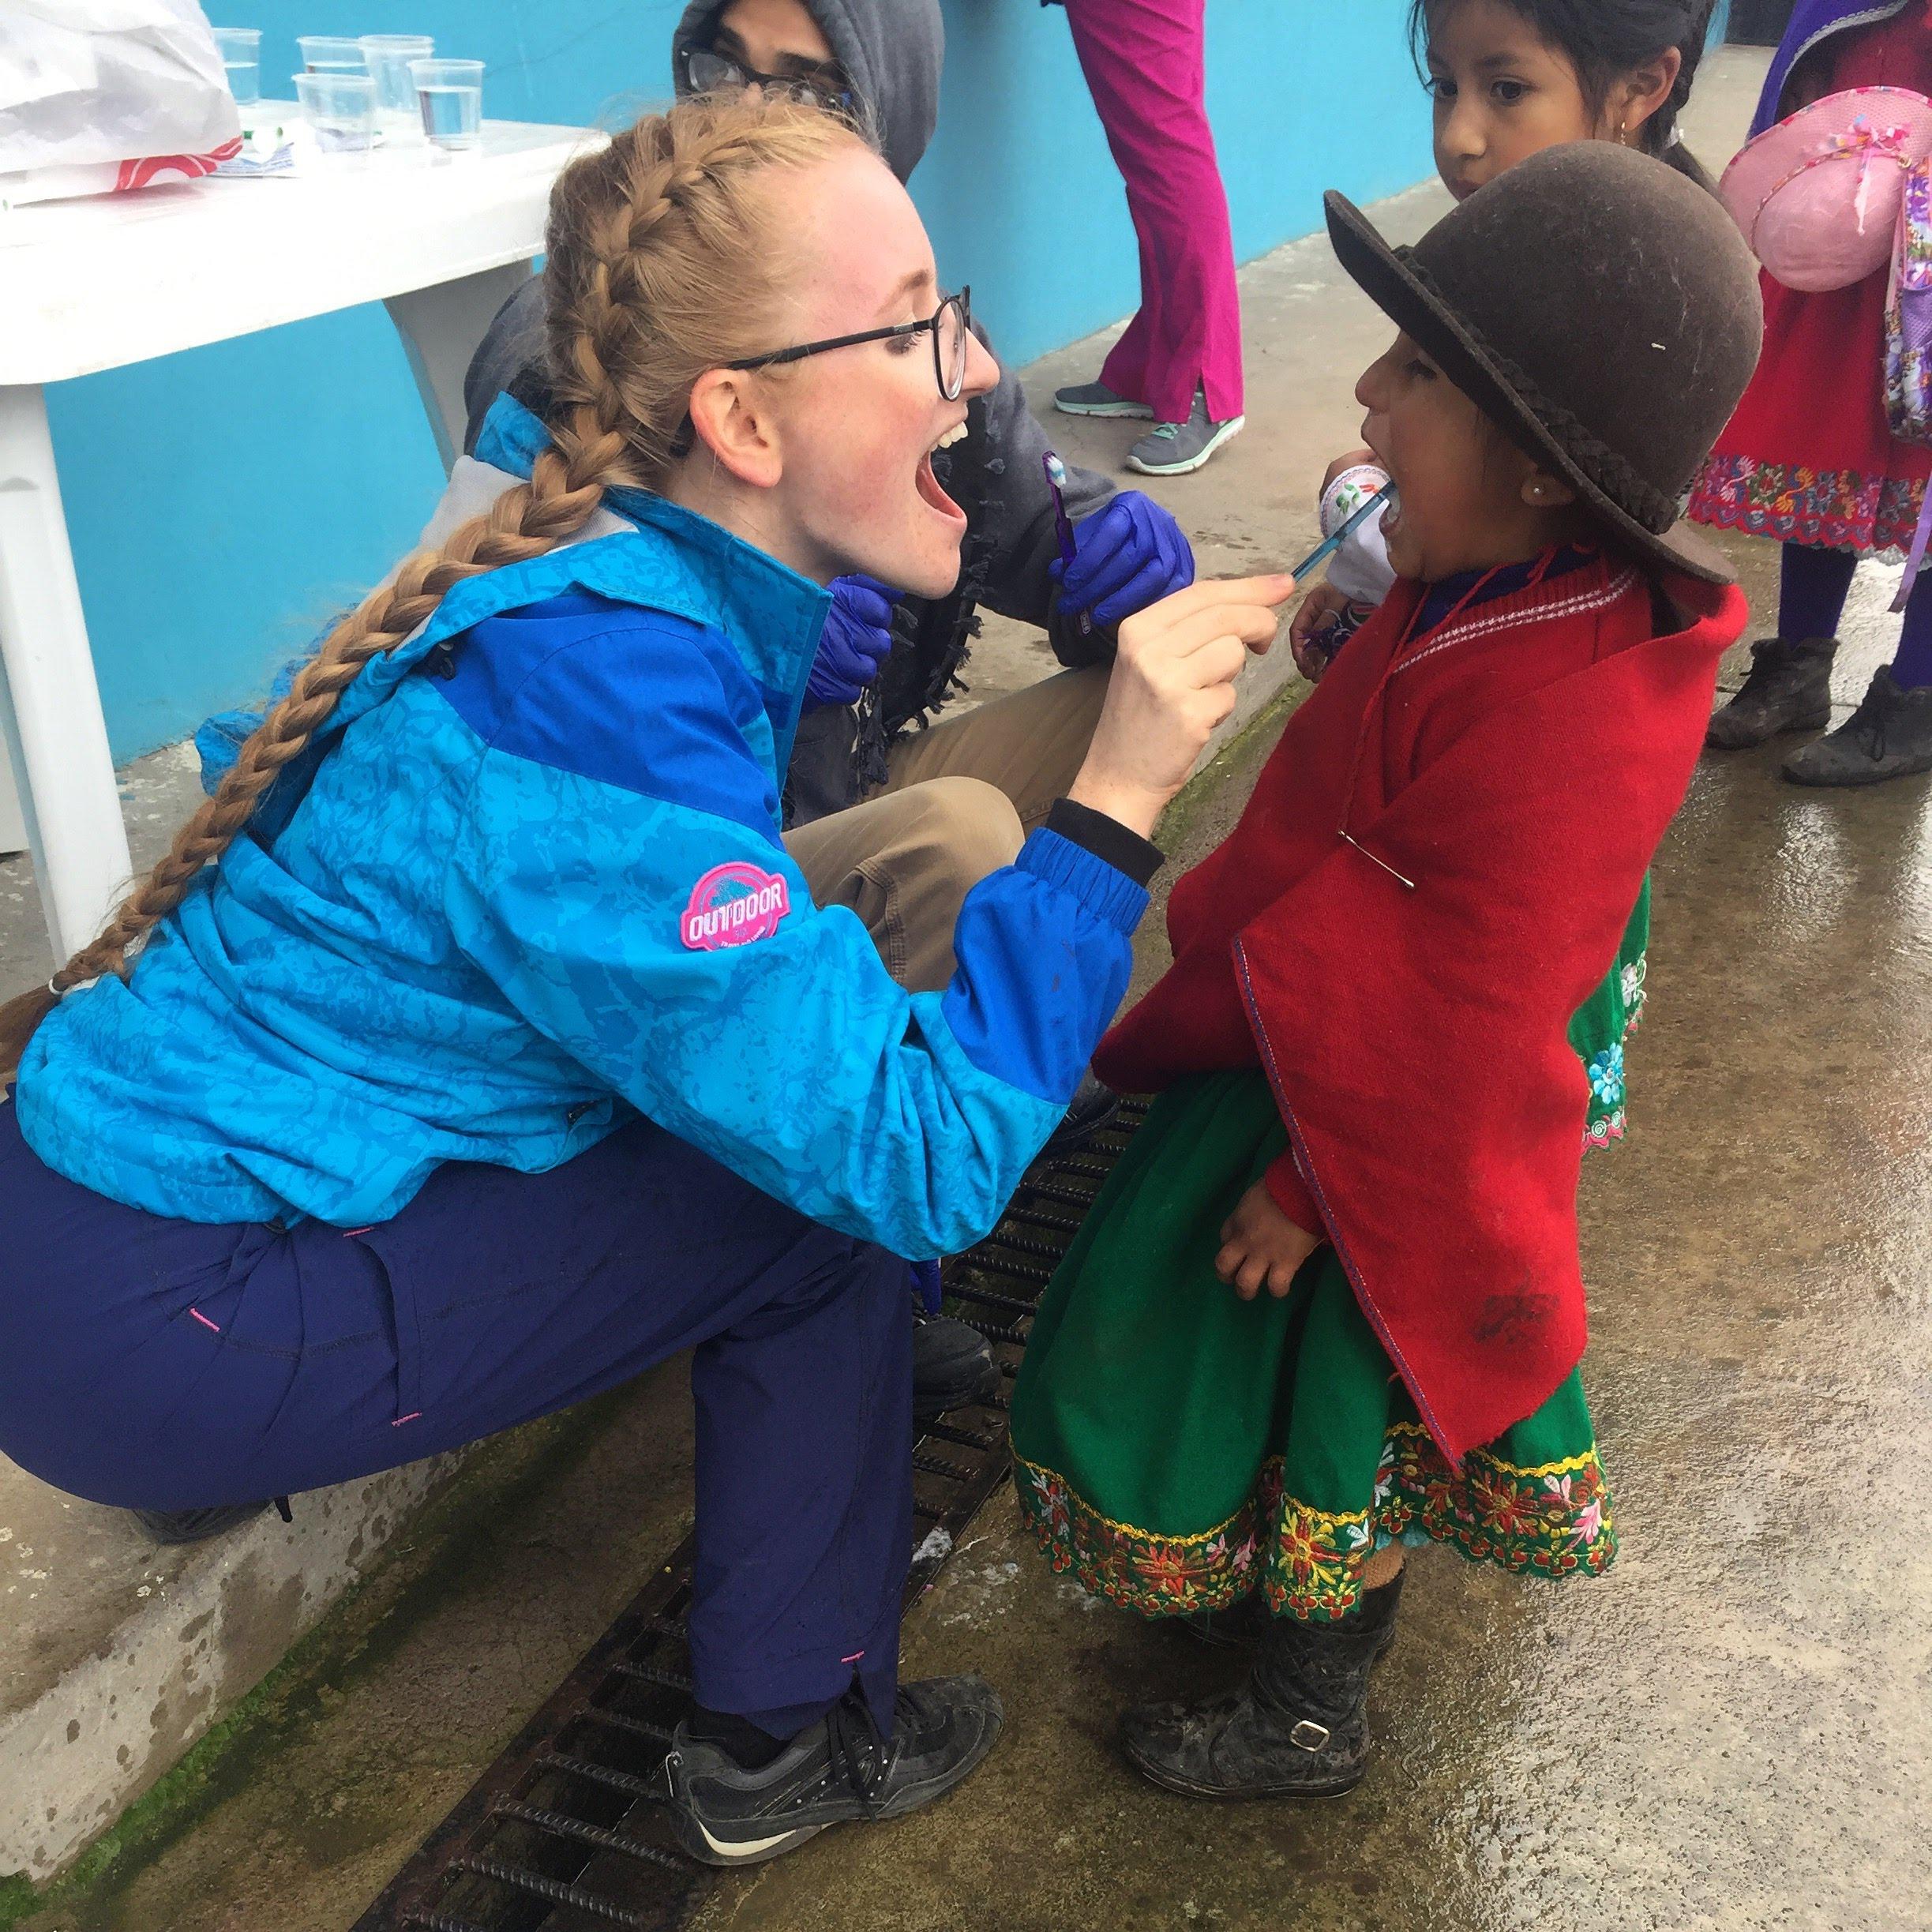 Ekvadore Austėjai teko vaikus mokinti kaip valytis dantukus.